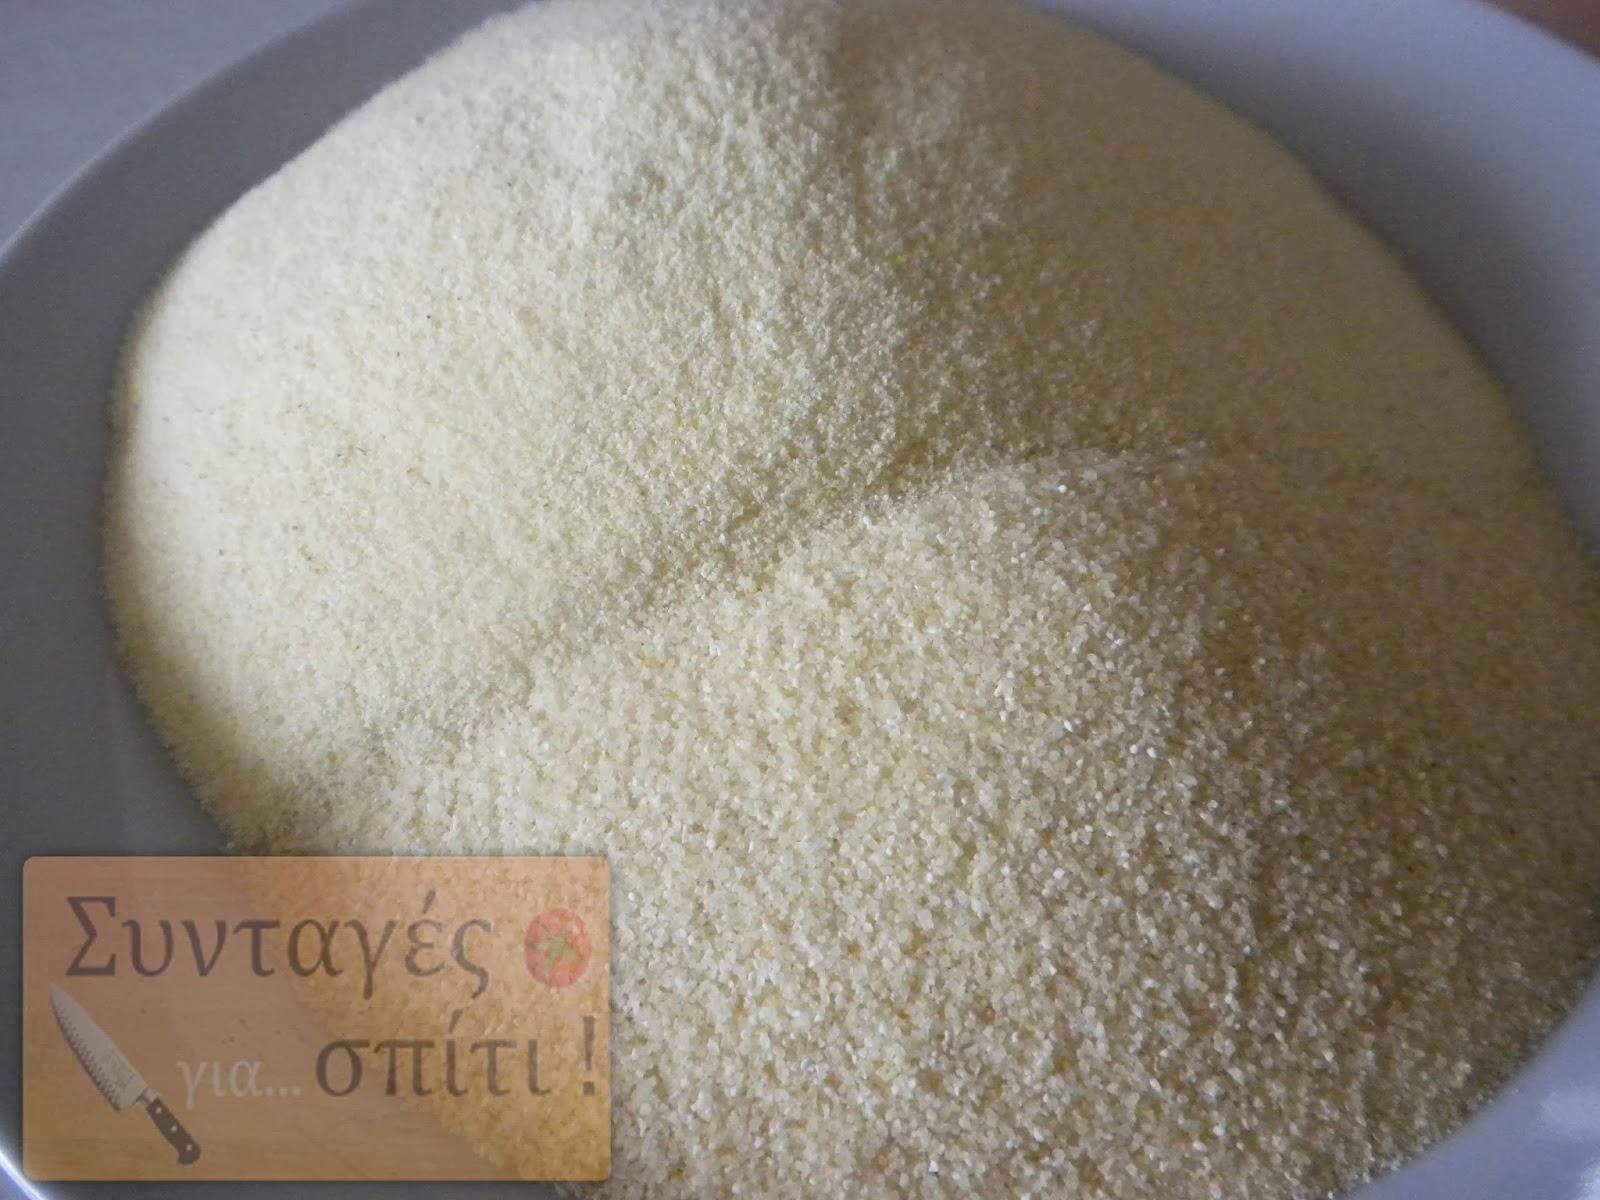 Σιρόπια Νηστίσιμος χαλβάς σμιγδαλένιος με καρύδια